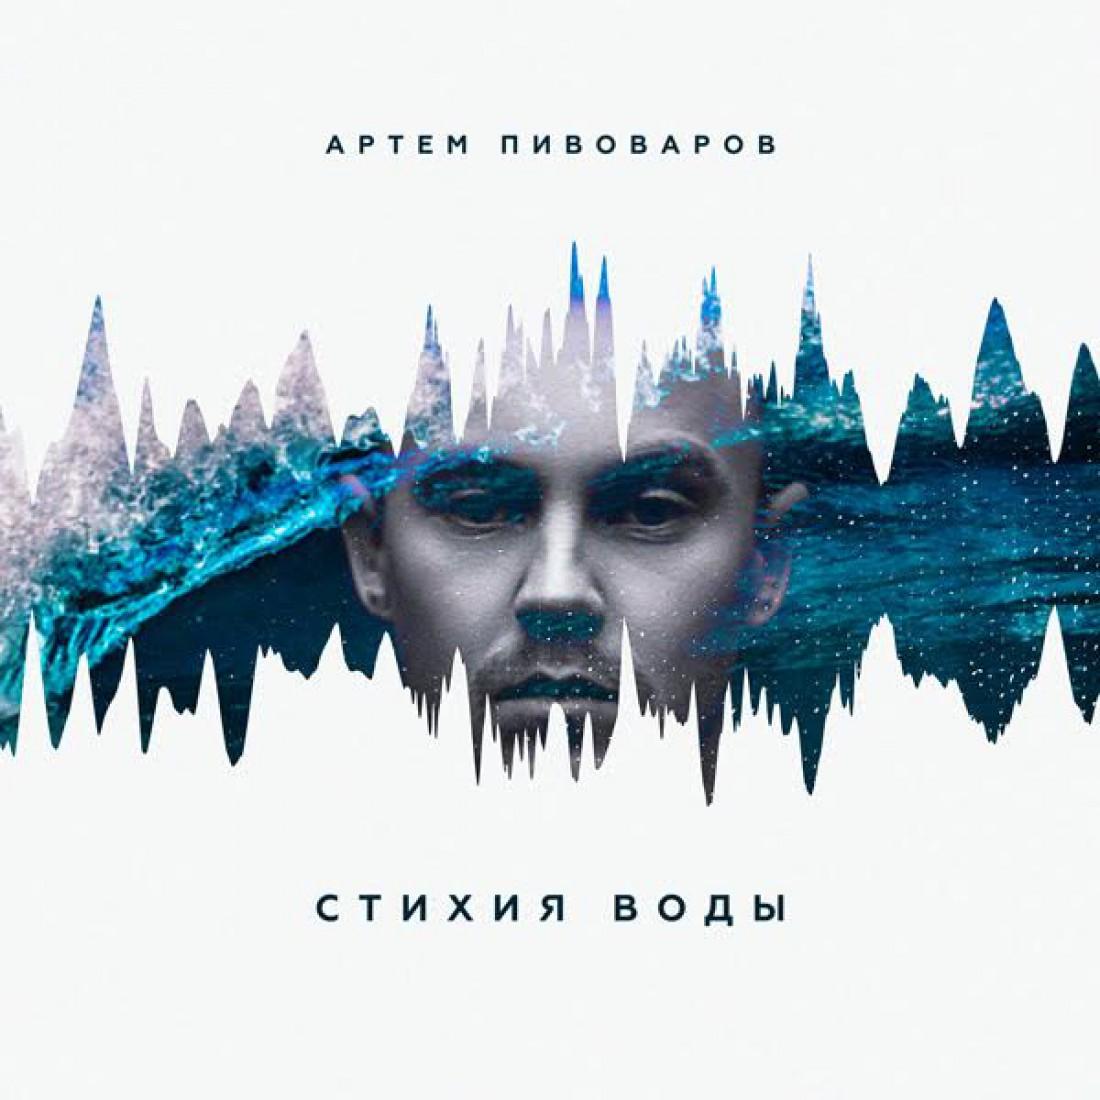 Новый альбом Артема Пивоварова